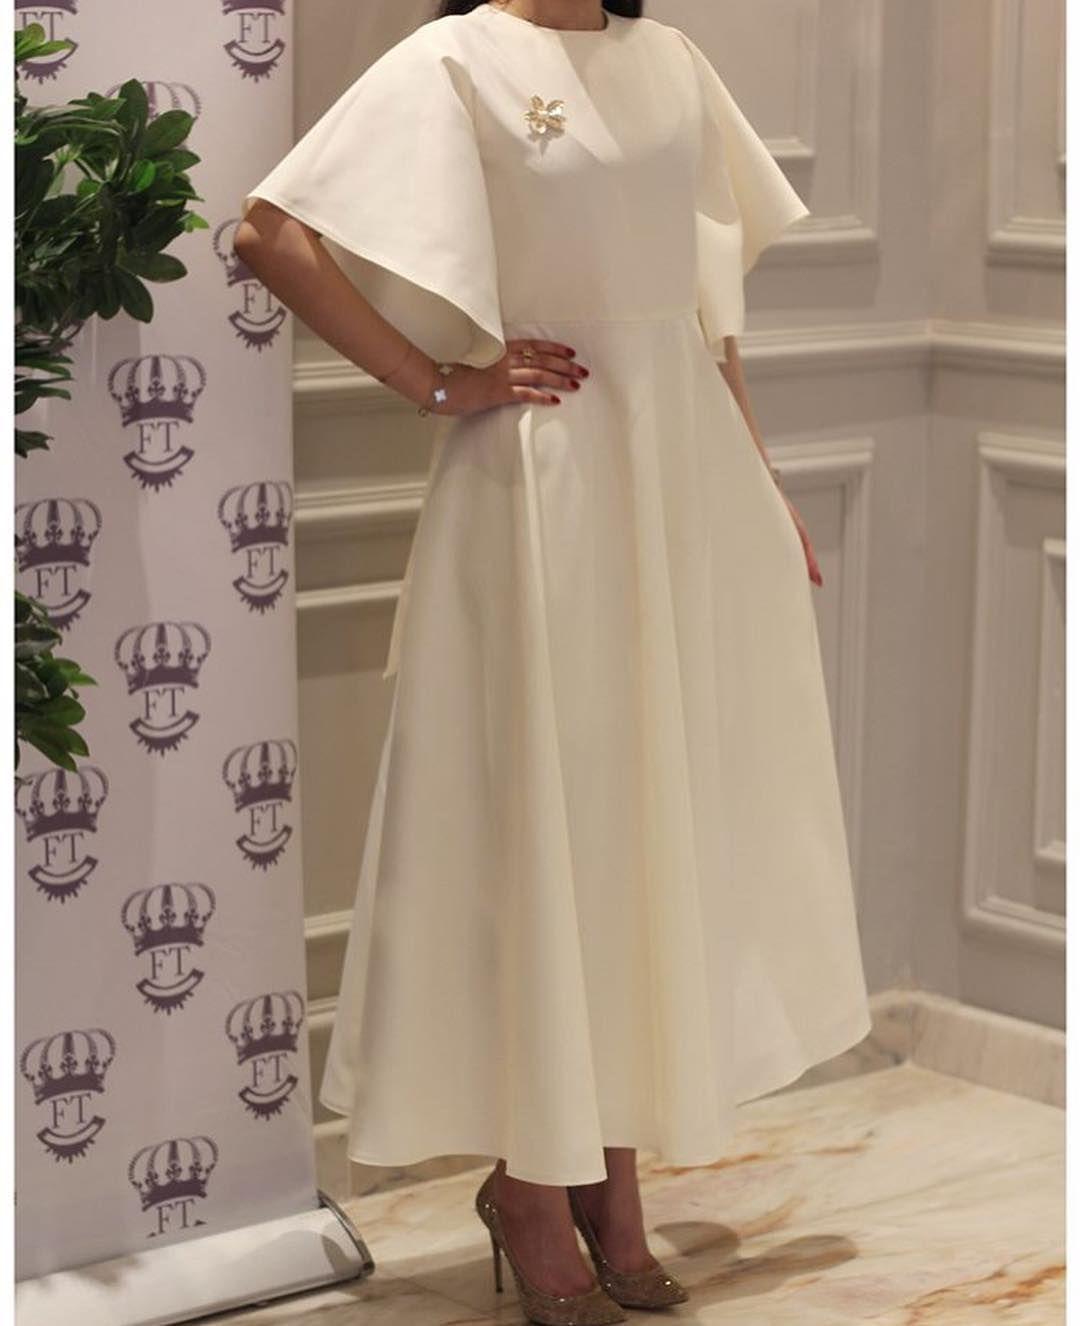 Faashshion 123 On Instagram نبذة عن جم ال و أناقة الأبيض أكثر فستان عجبكم تجميع خبيرات التجميل Modest Fashion Dresses Fashion